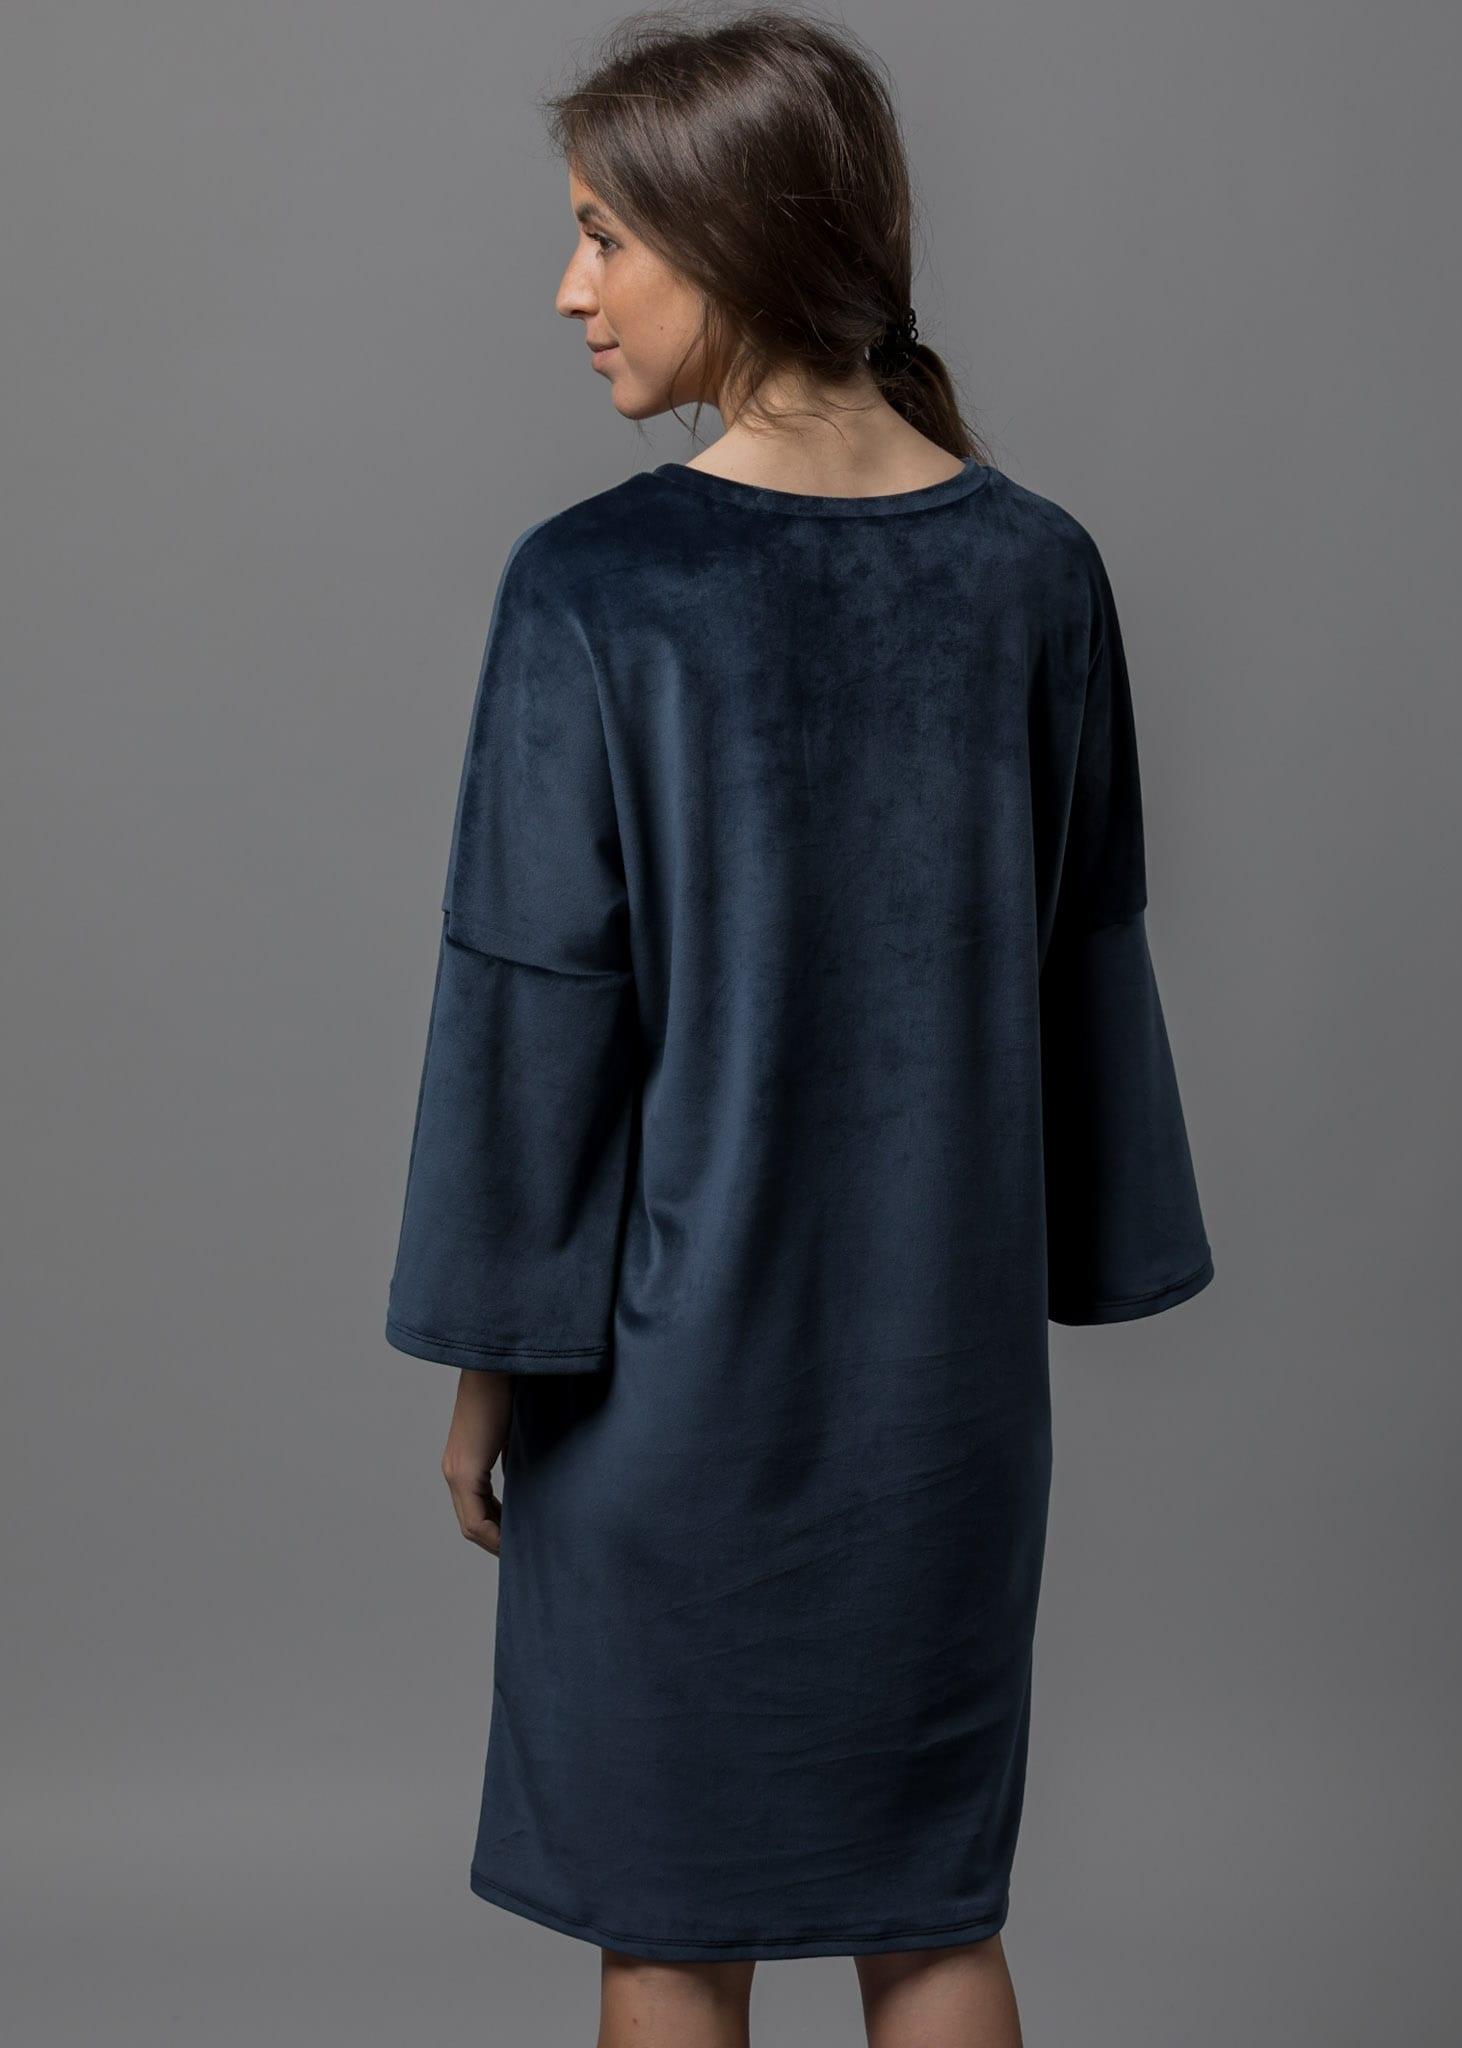 Samtkleid dunkelblau von Connemara